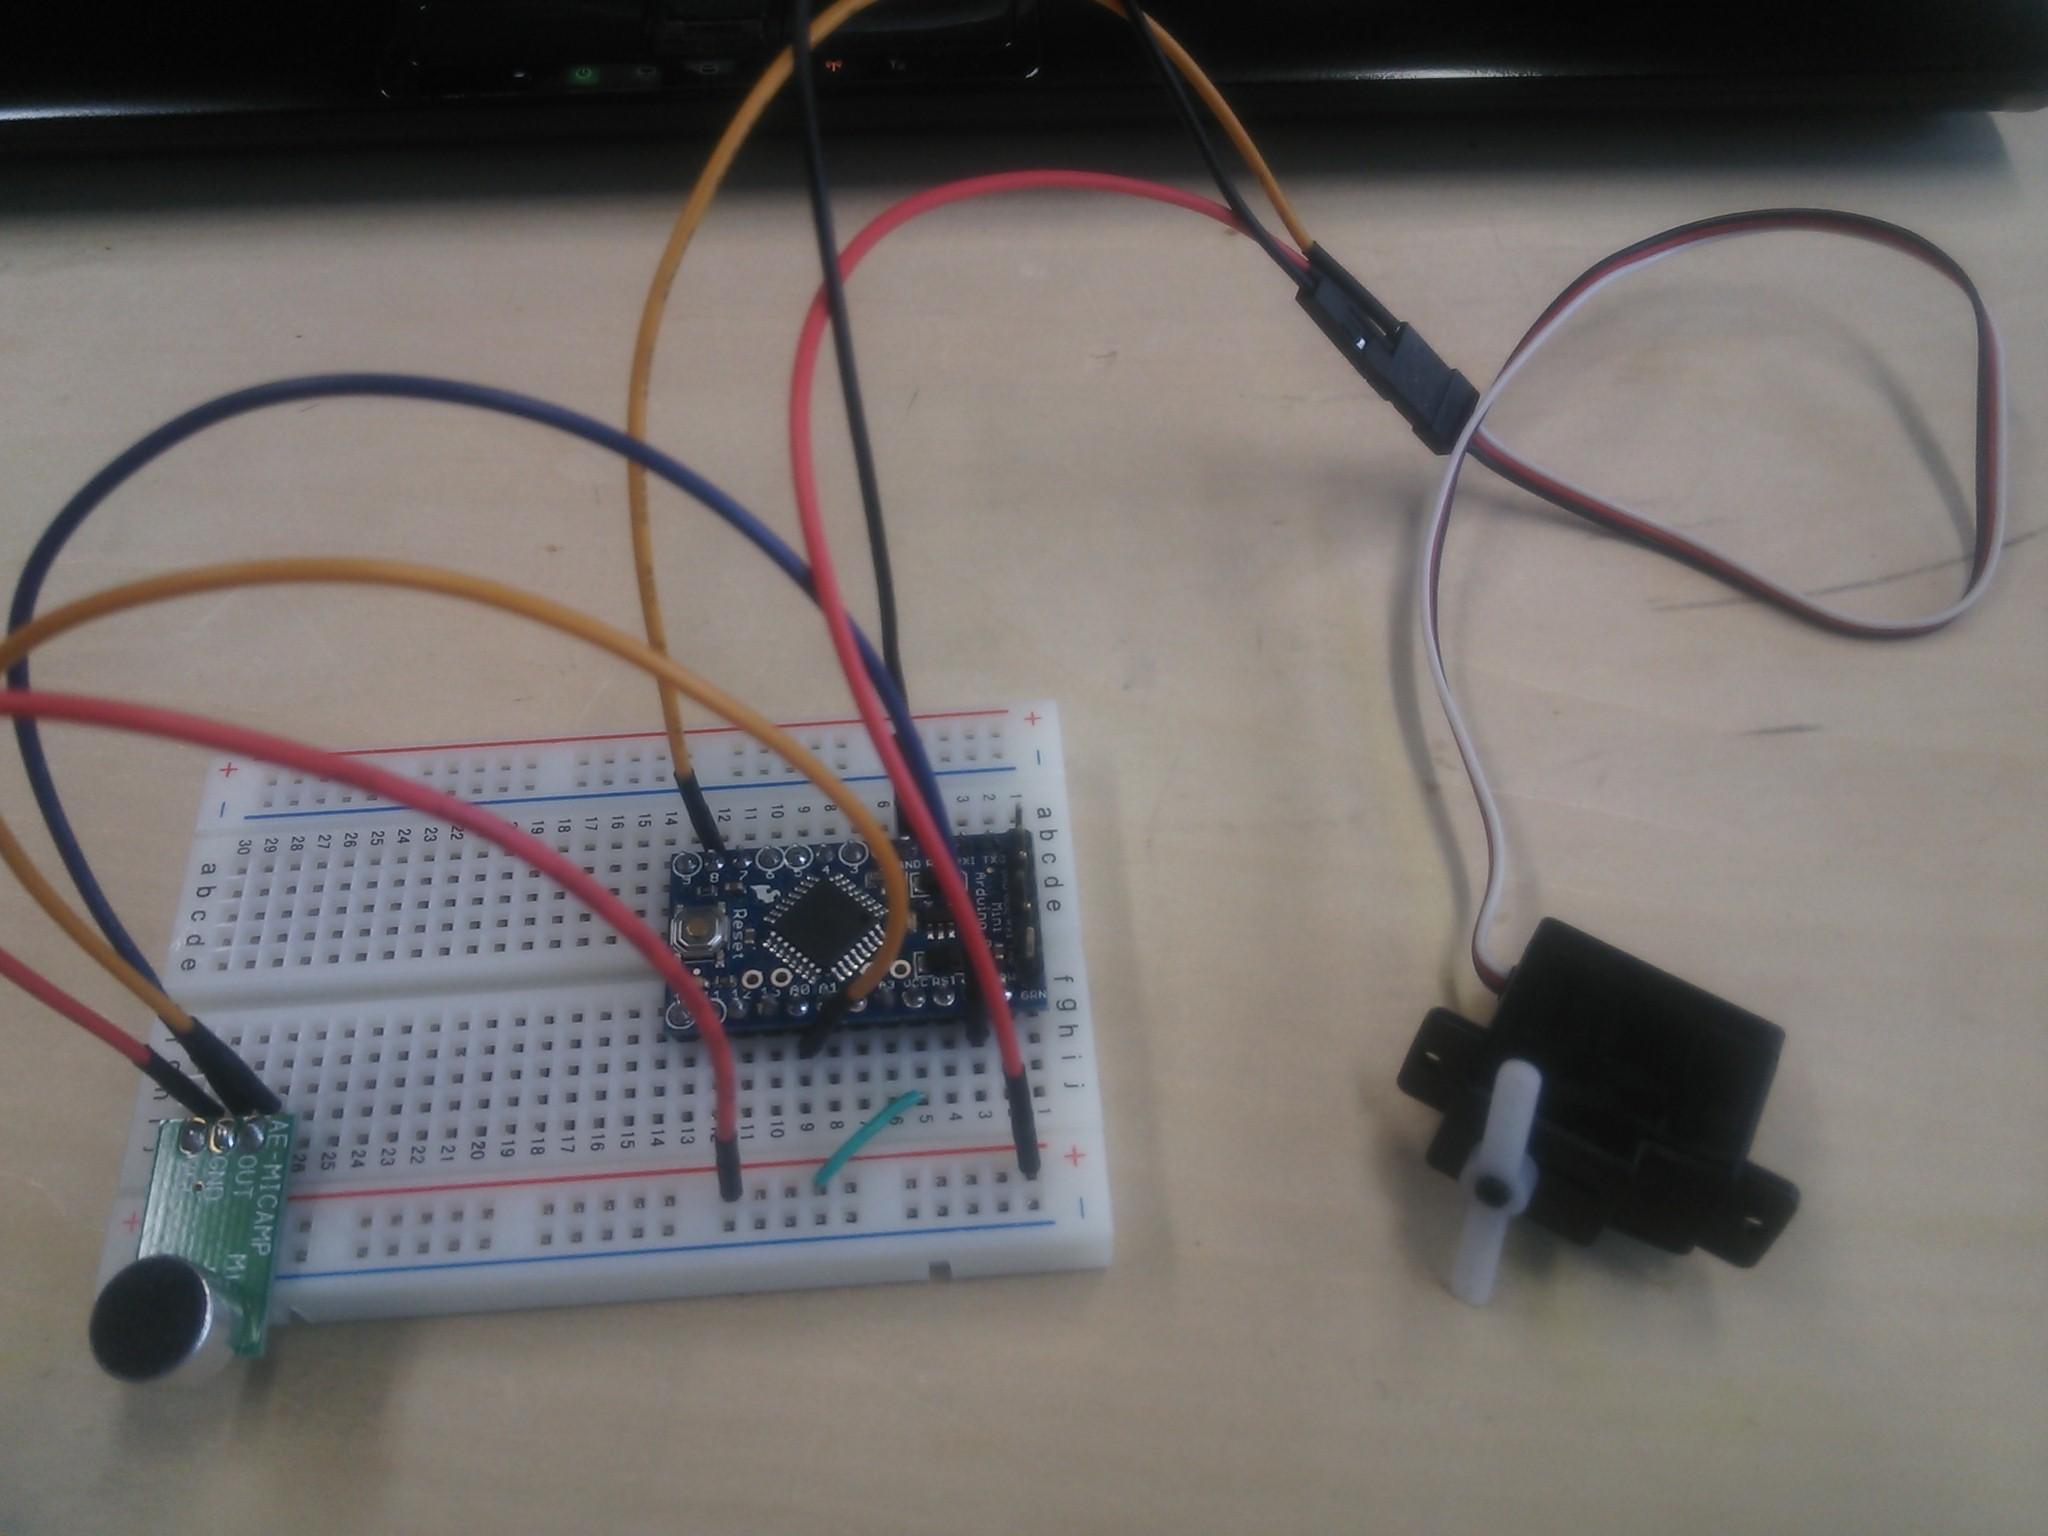 Picture of 手順1-1:Arduinoにサーボモータと音声センサを制御するためのプログラミングをします.